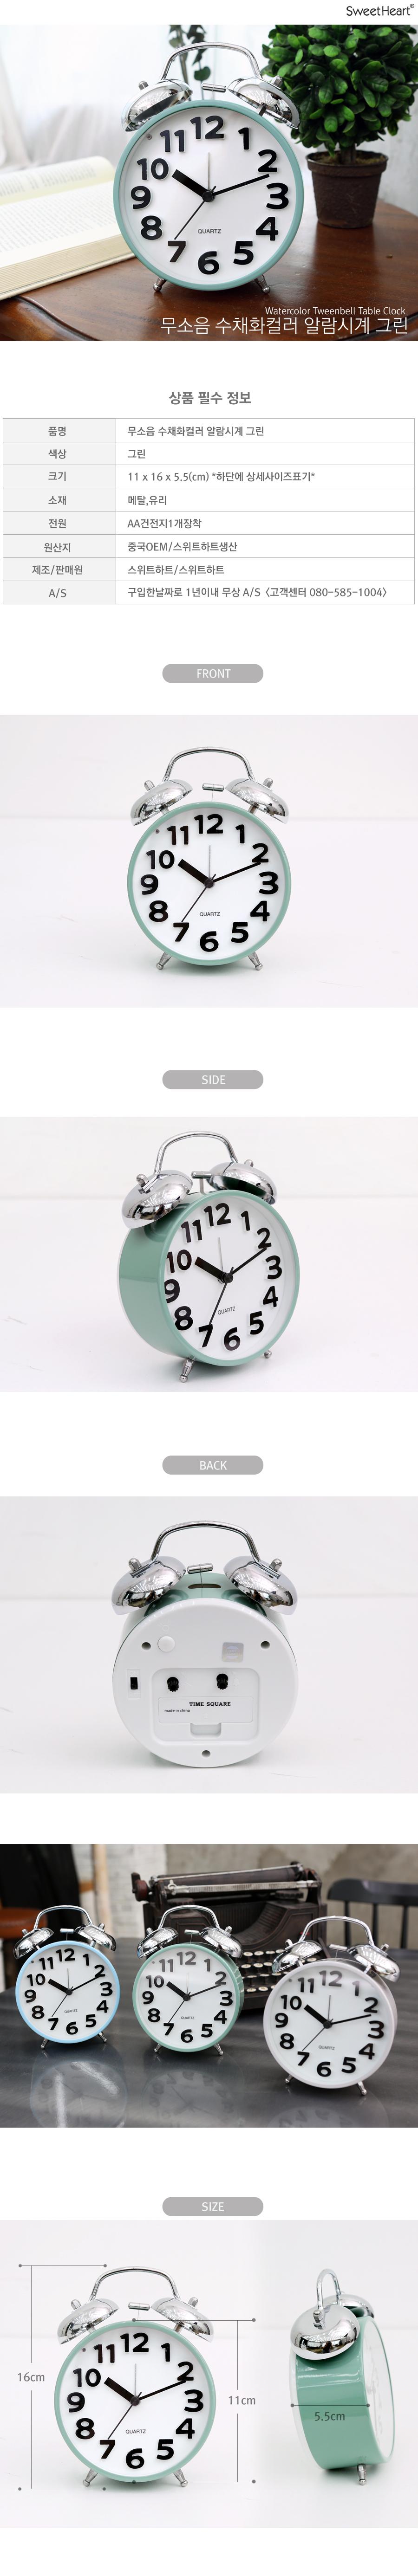 무소음수채화컬러알람시계_그린 - 보니데코, 23,800원, 알람/탁상시계, 알람시계